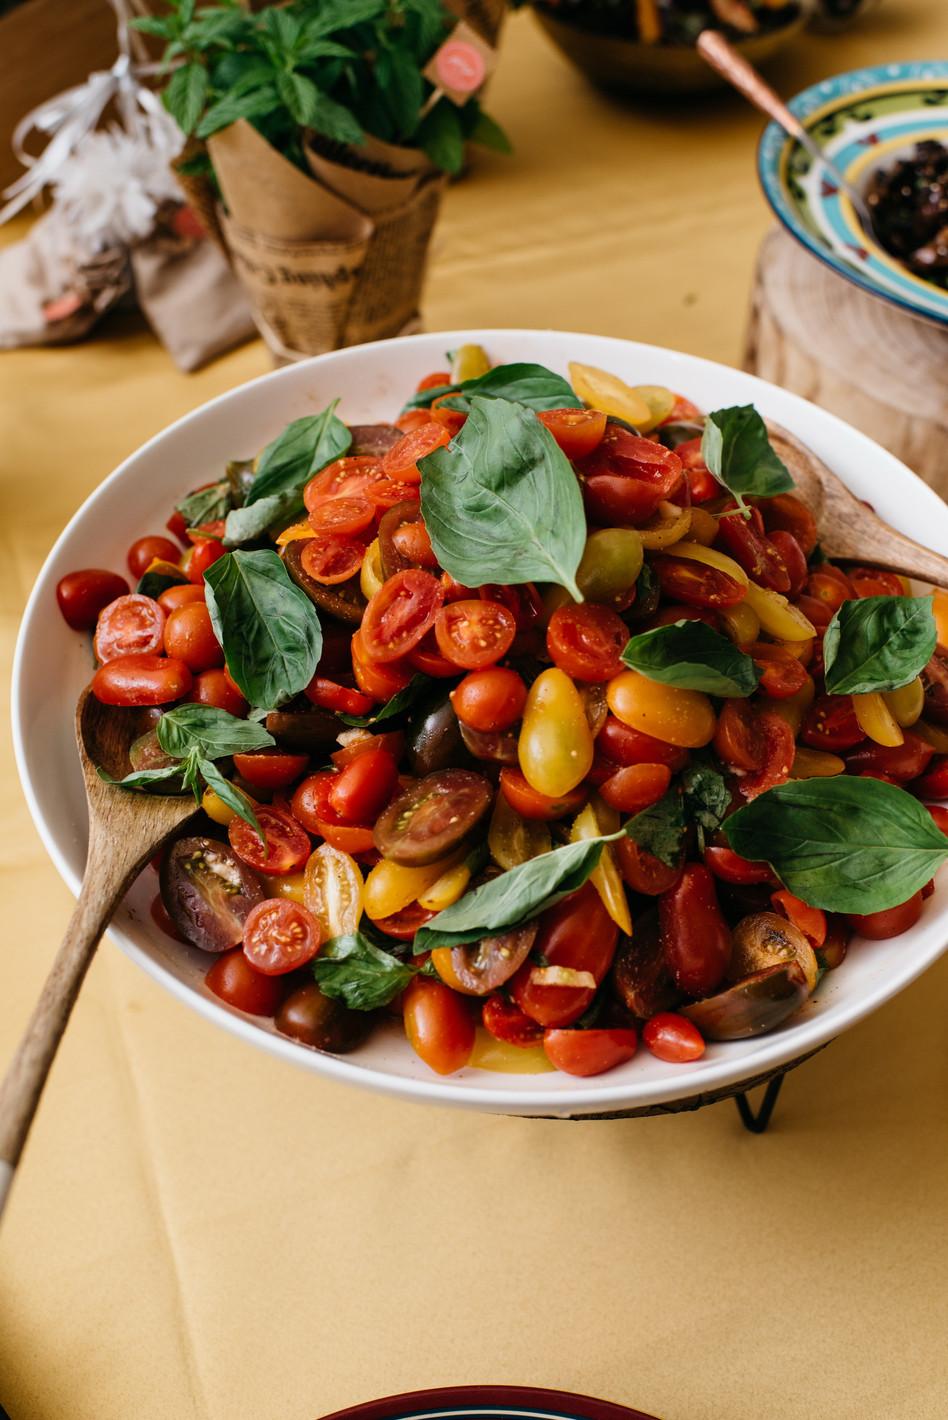 סלט עגבניות בארוע של קייטרינג גורמן